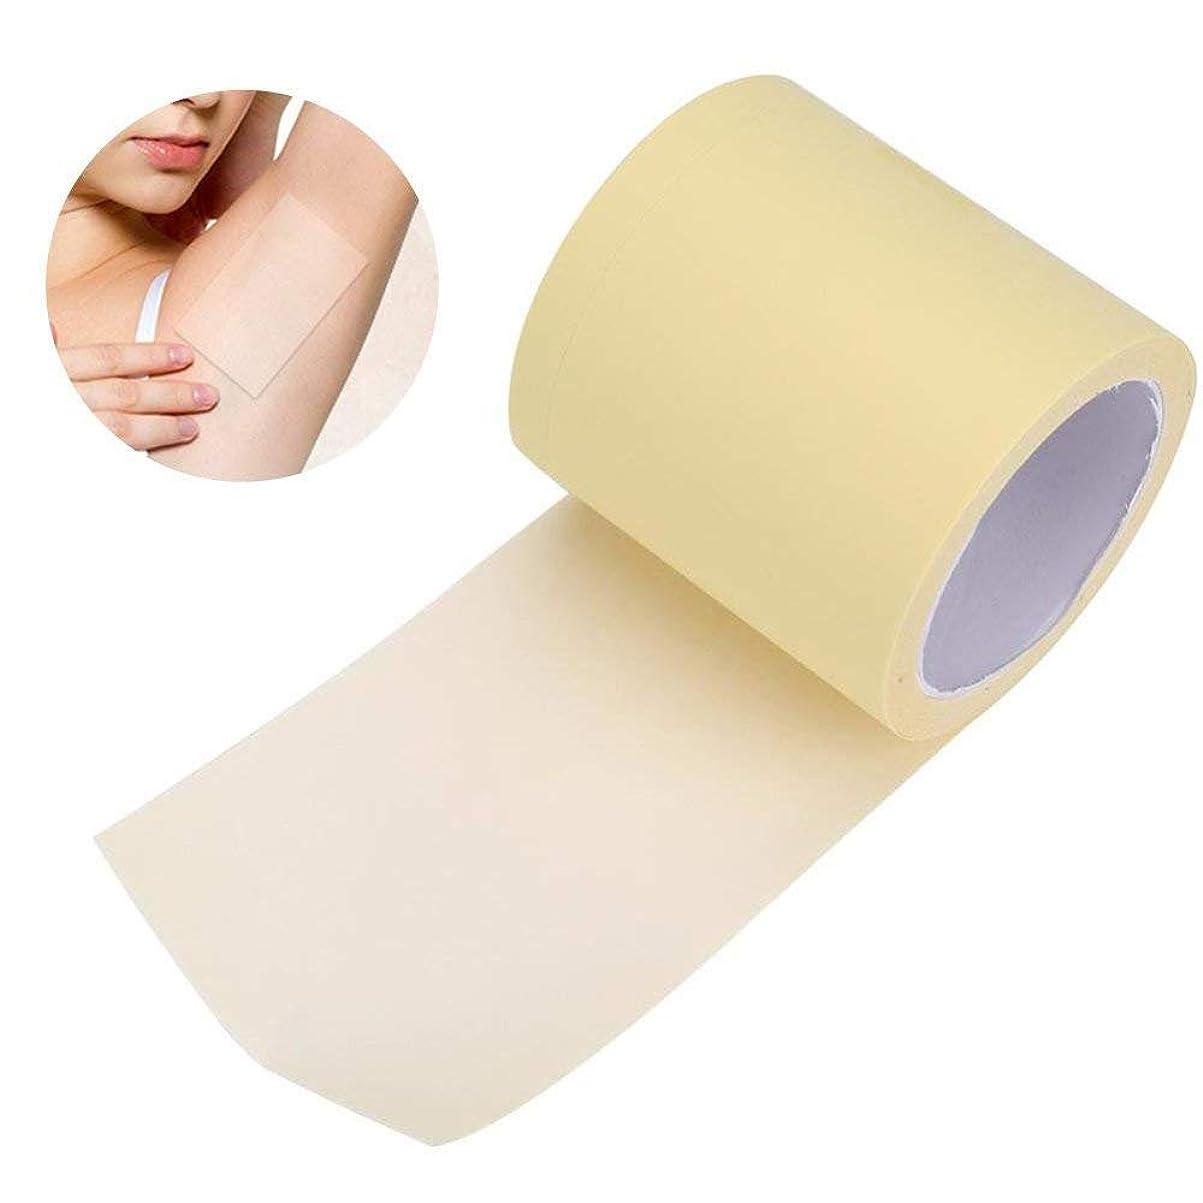 理論的暴力的なカバレッジcoraly 汗止めパッド 脇の下汗パッド 皮膚に優しい 脇の汗染み防止 抗菌加工 超薄型 透明 男性/女性対応 (タイプ1)